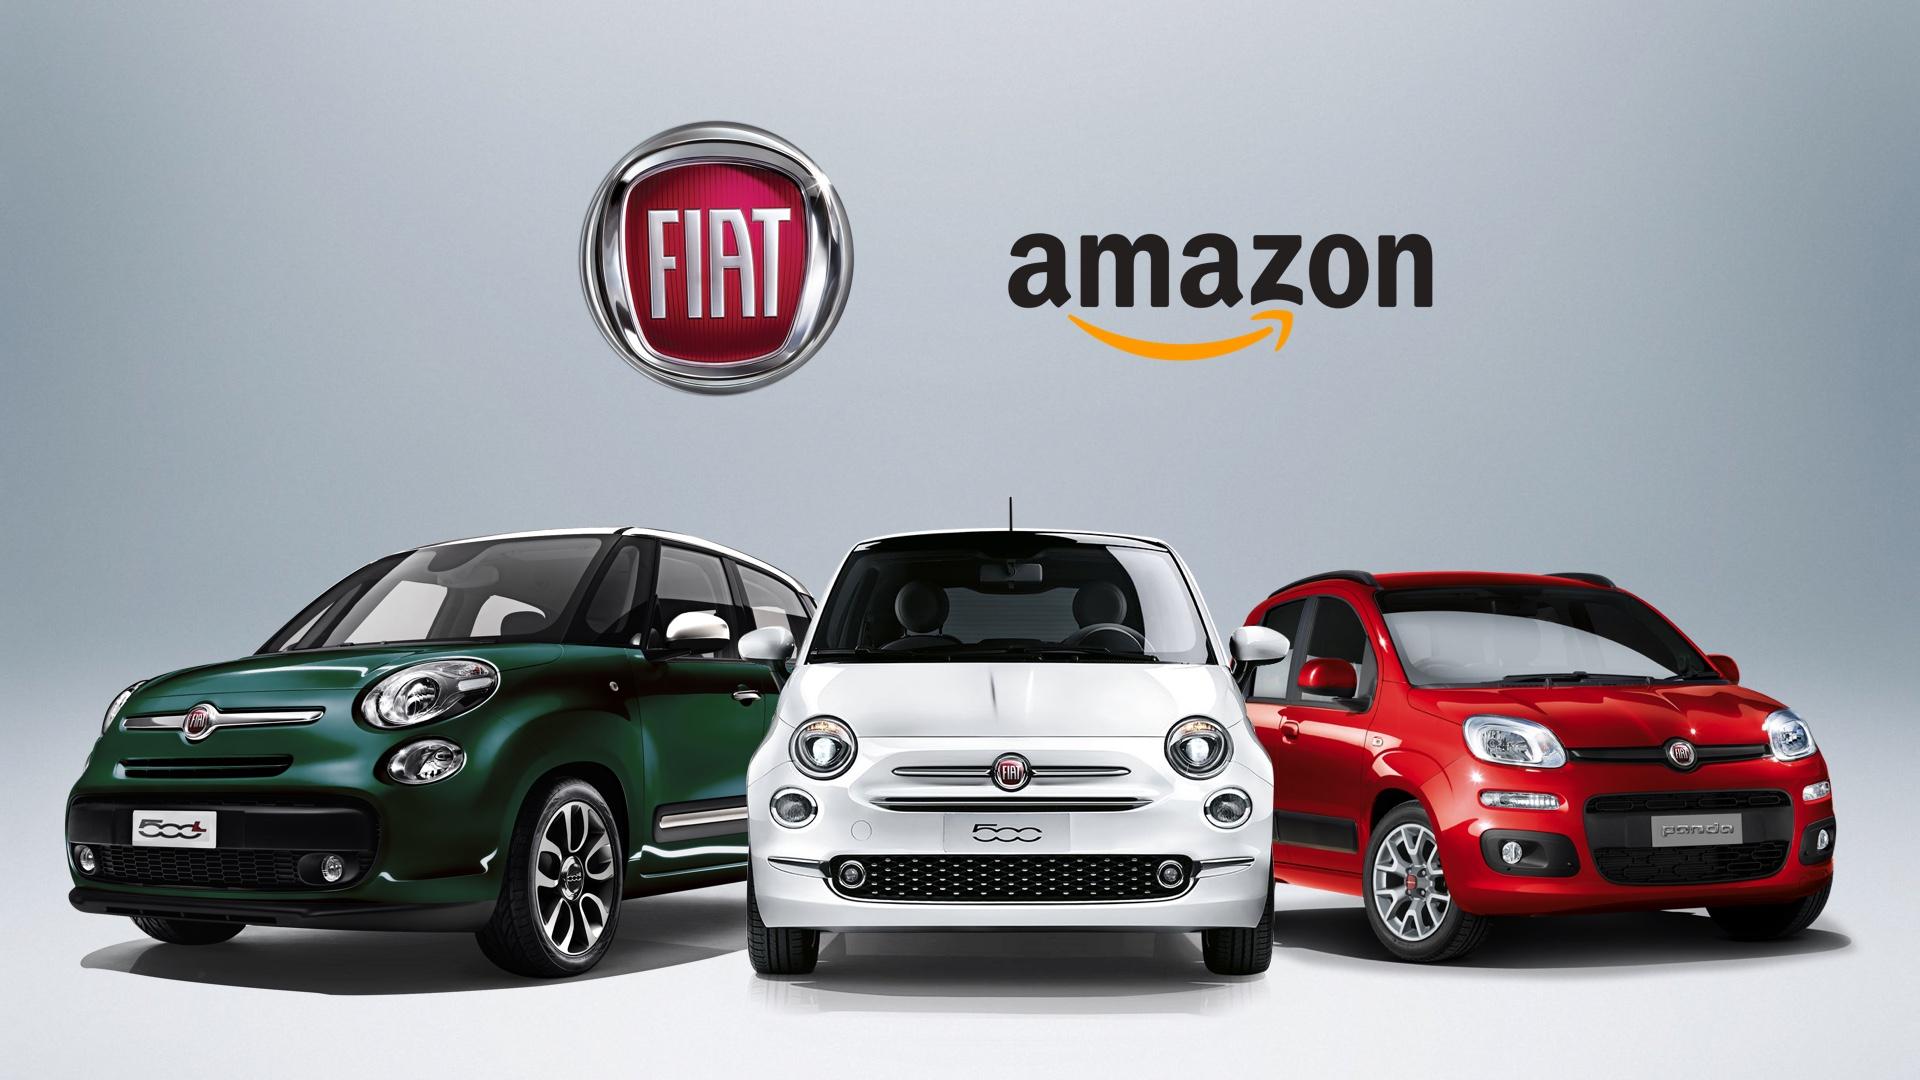 Fiat ve Amazon İnternetten Araba Satışı için Anlaştı